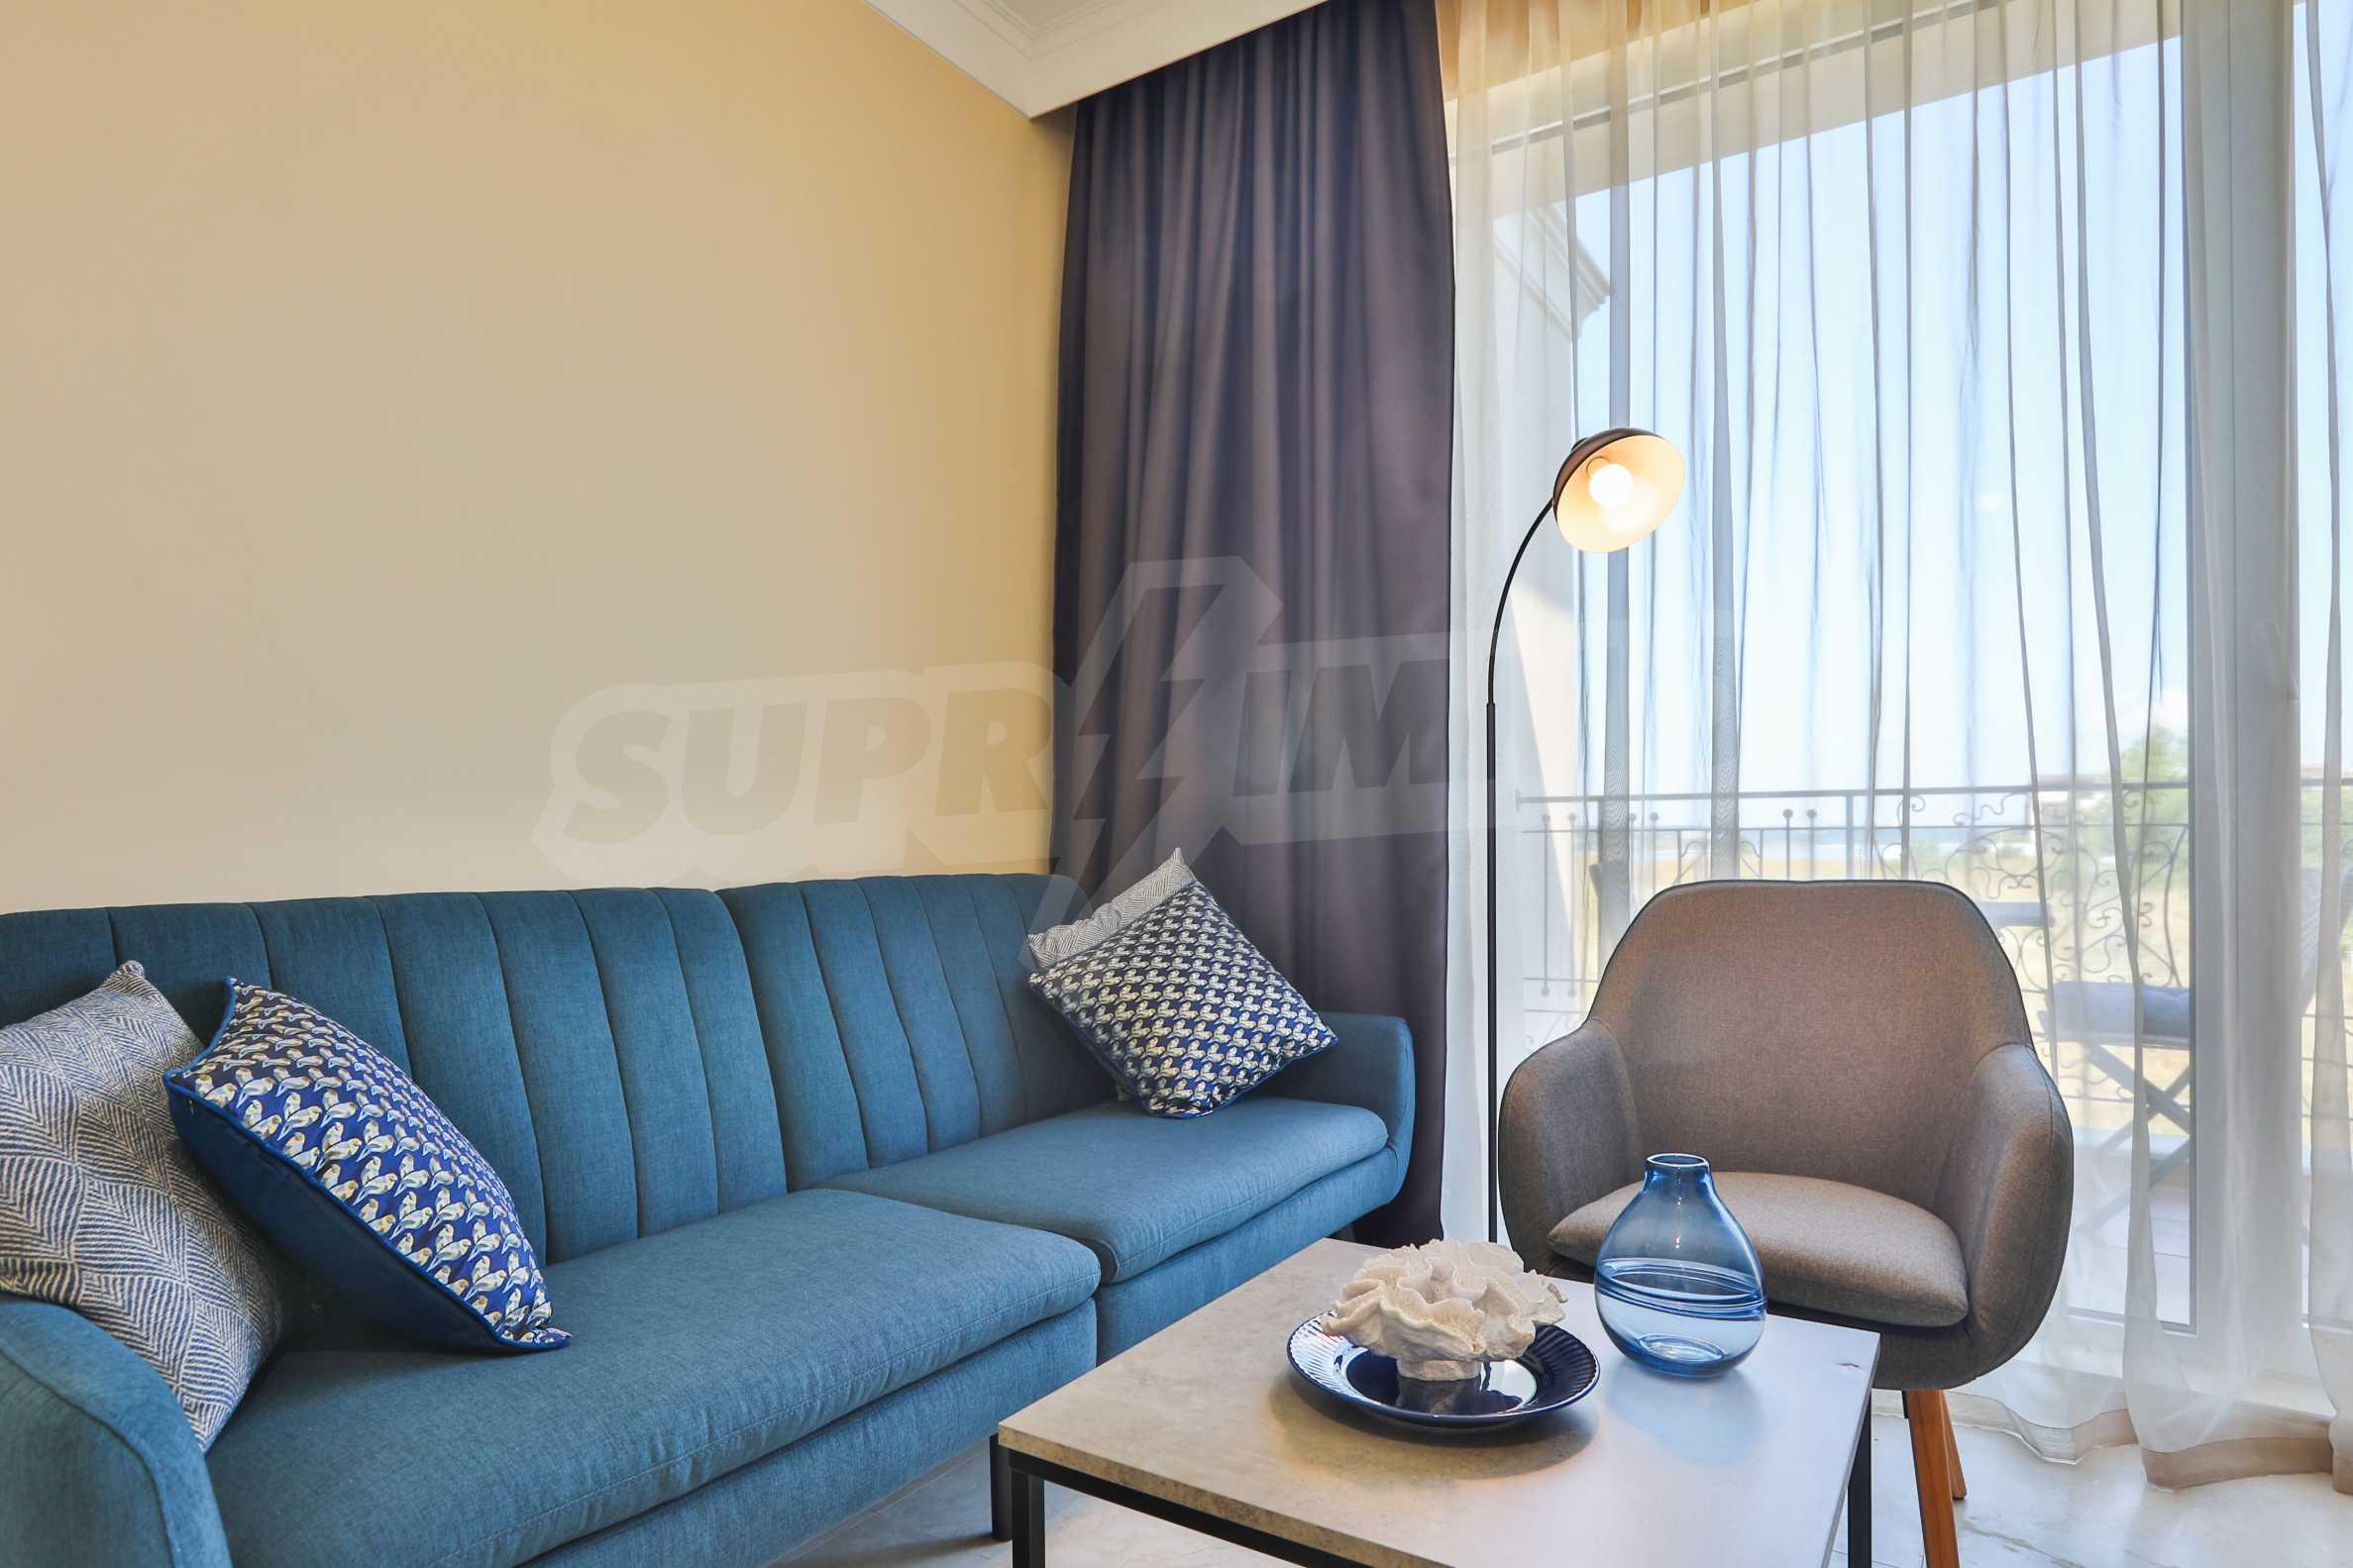 Двустаен апартамент в бутиковата резиденция до Централен плаж - Belle Époque (ап. №A 305) 3